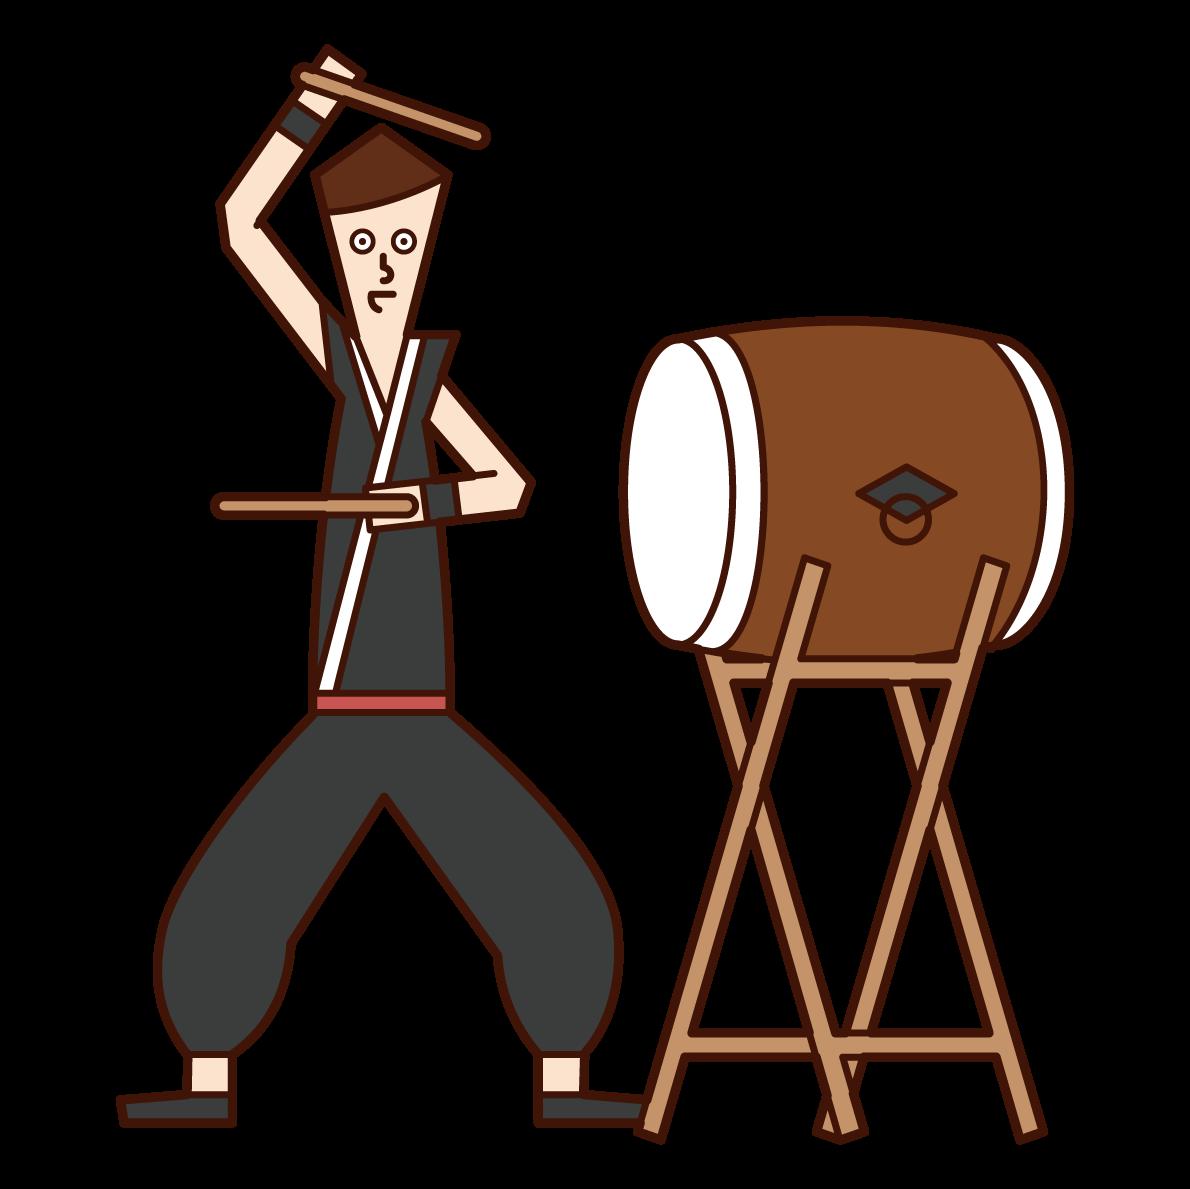 和太鼓を演奏する人(男性)のイラスト